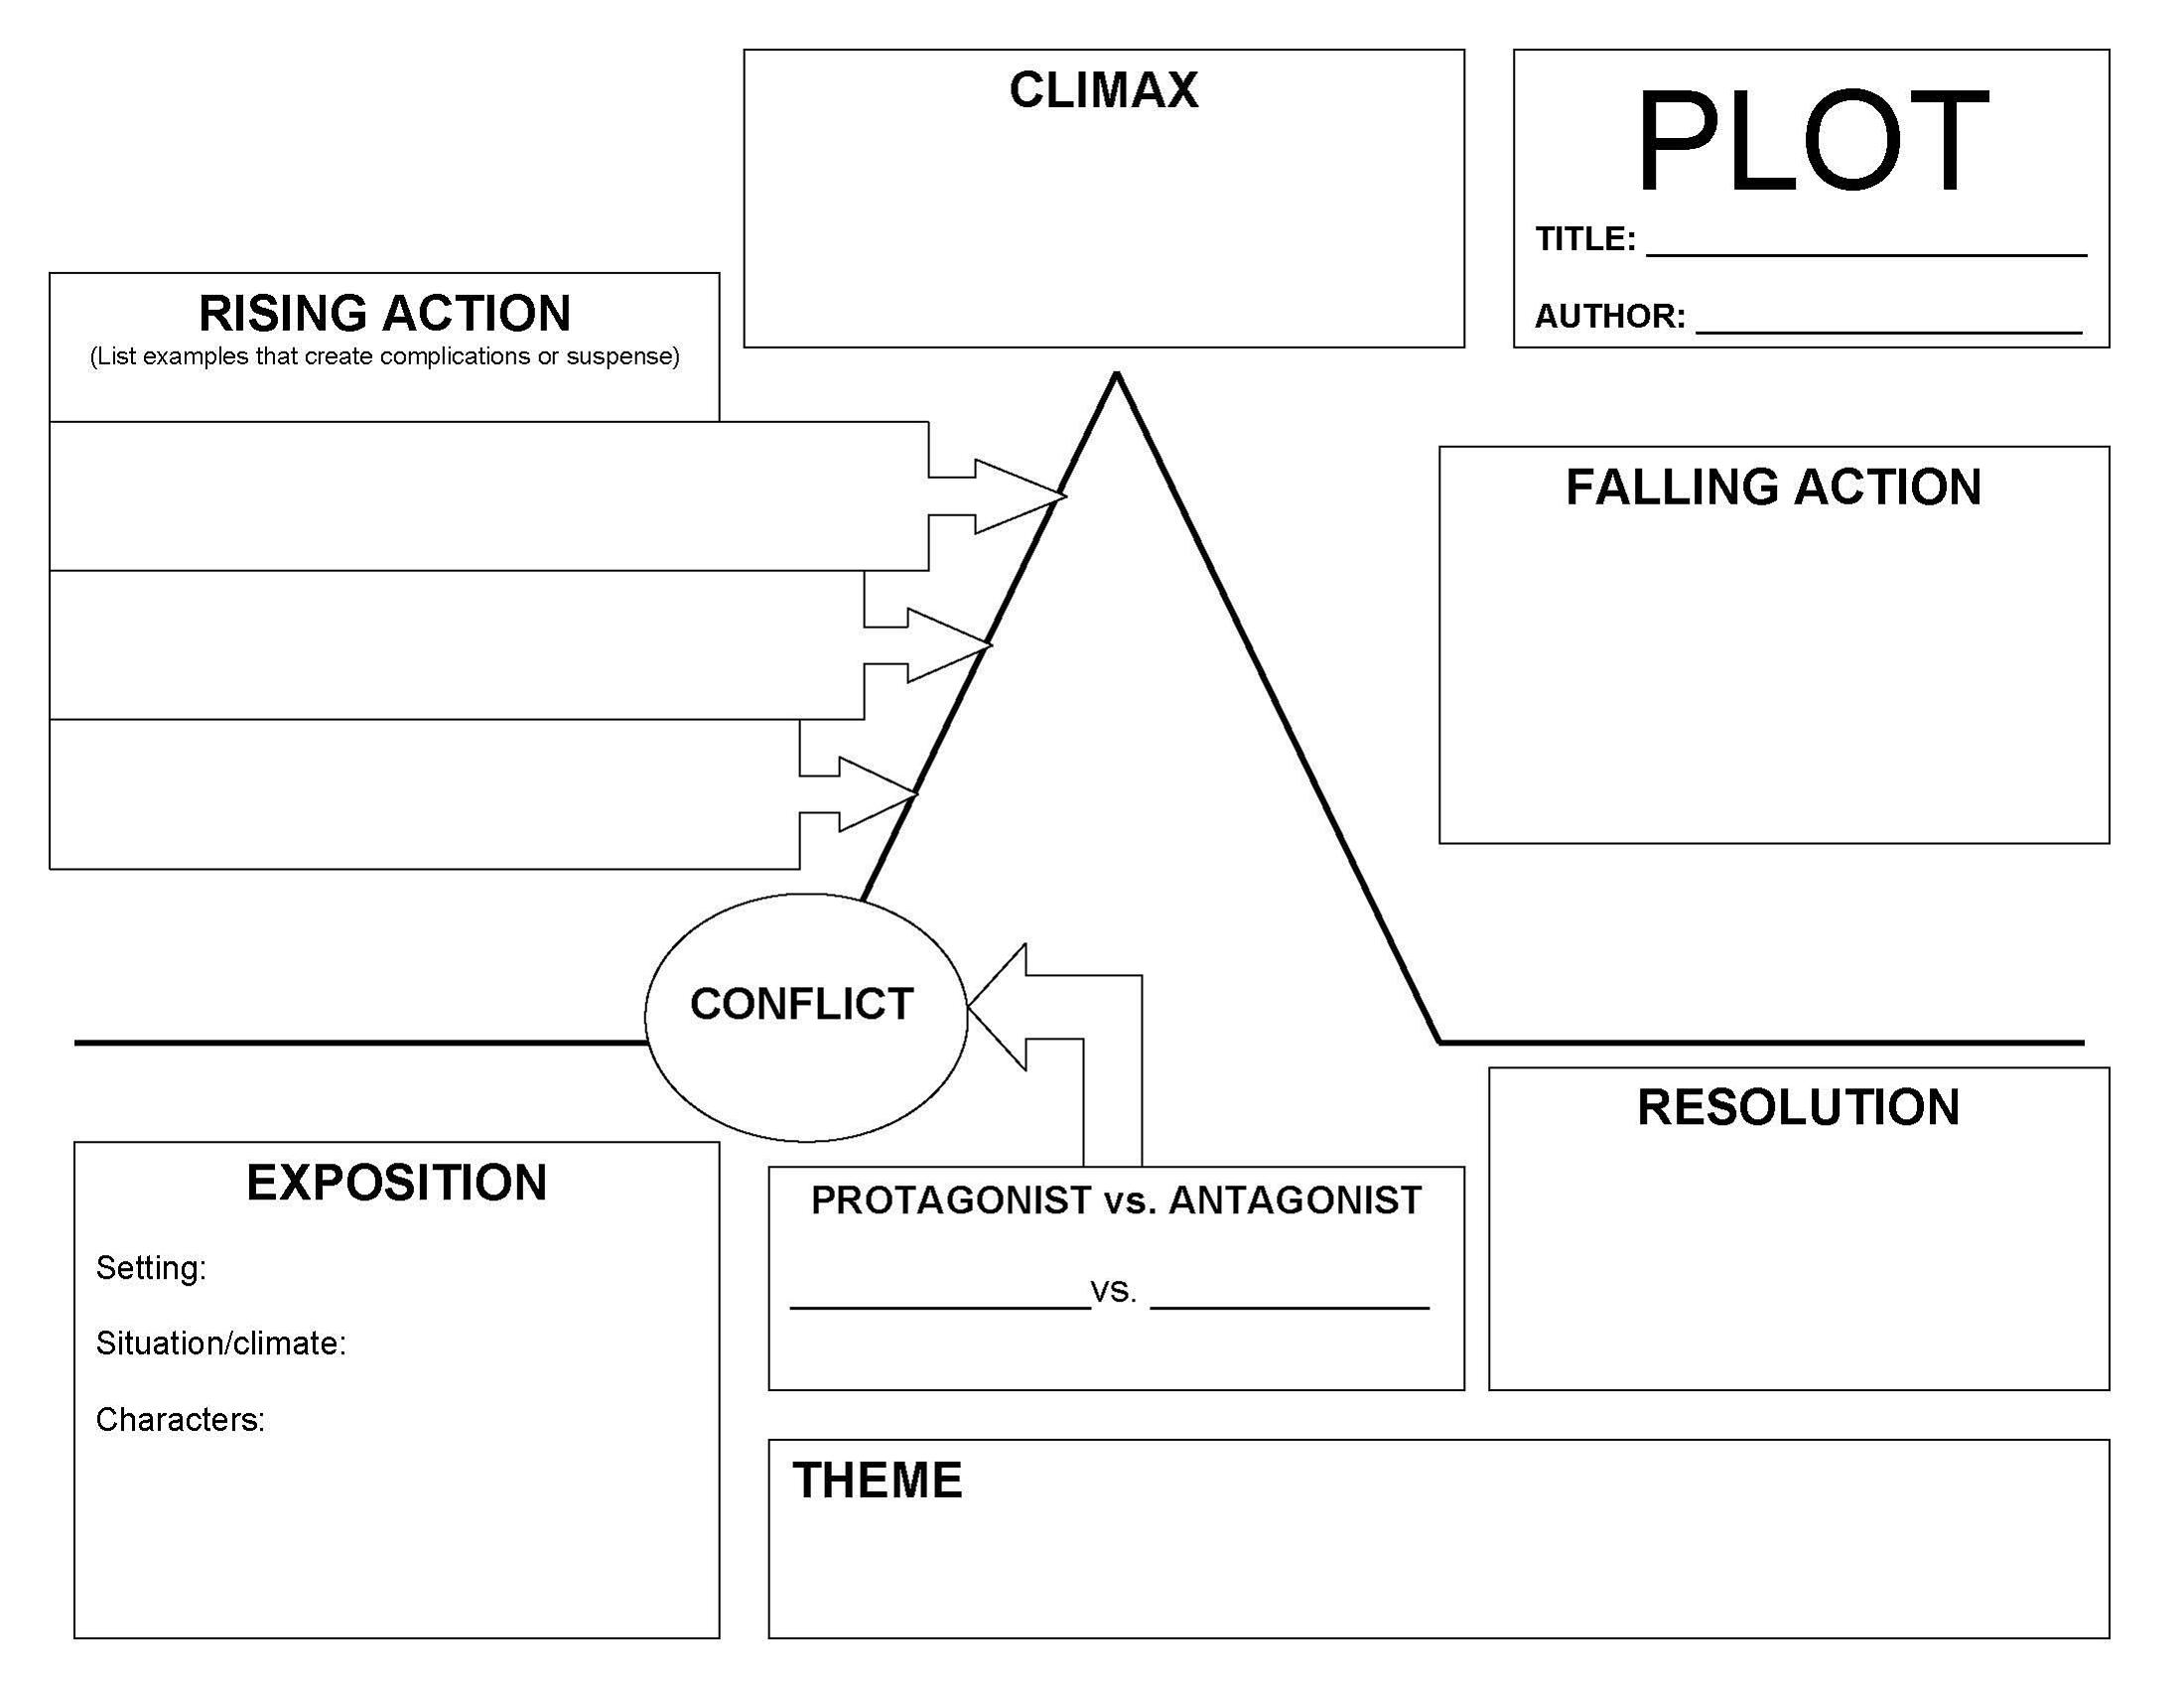 blank plot diagram template printable diagram printable diagramblank plot diagram template printable diagram [ 2200 x 1700 Pixel ]